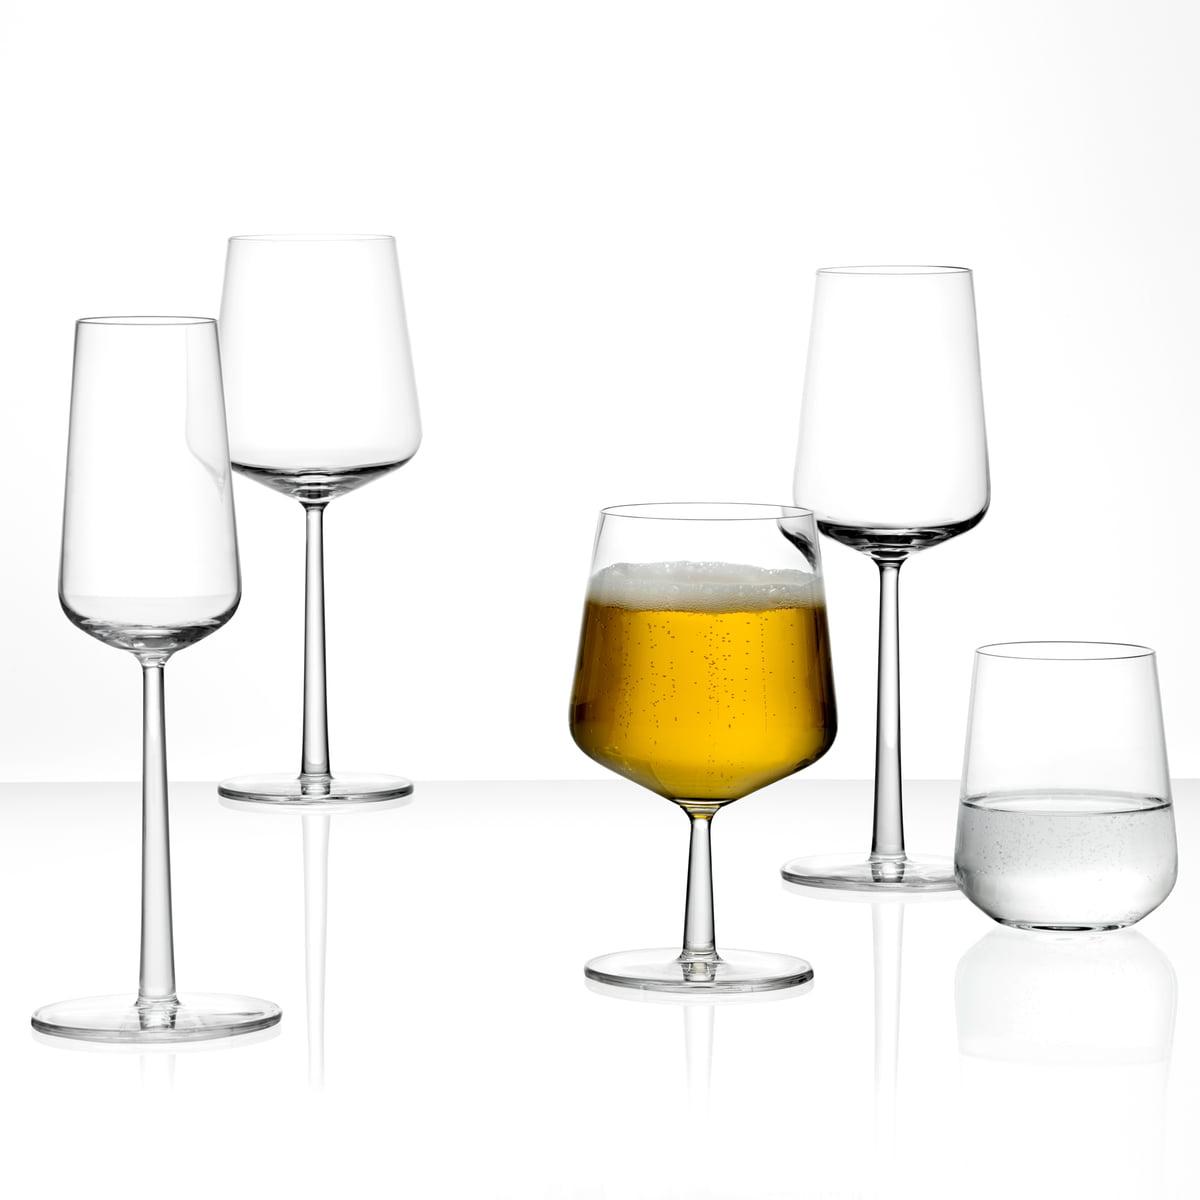 Iittala - Essence Sherry-Glas  15 cl (2er-Set)   Küche und Esszimmer > Besteck und Geschirr > Gläser   Iittala